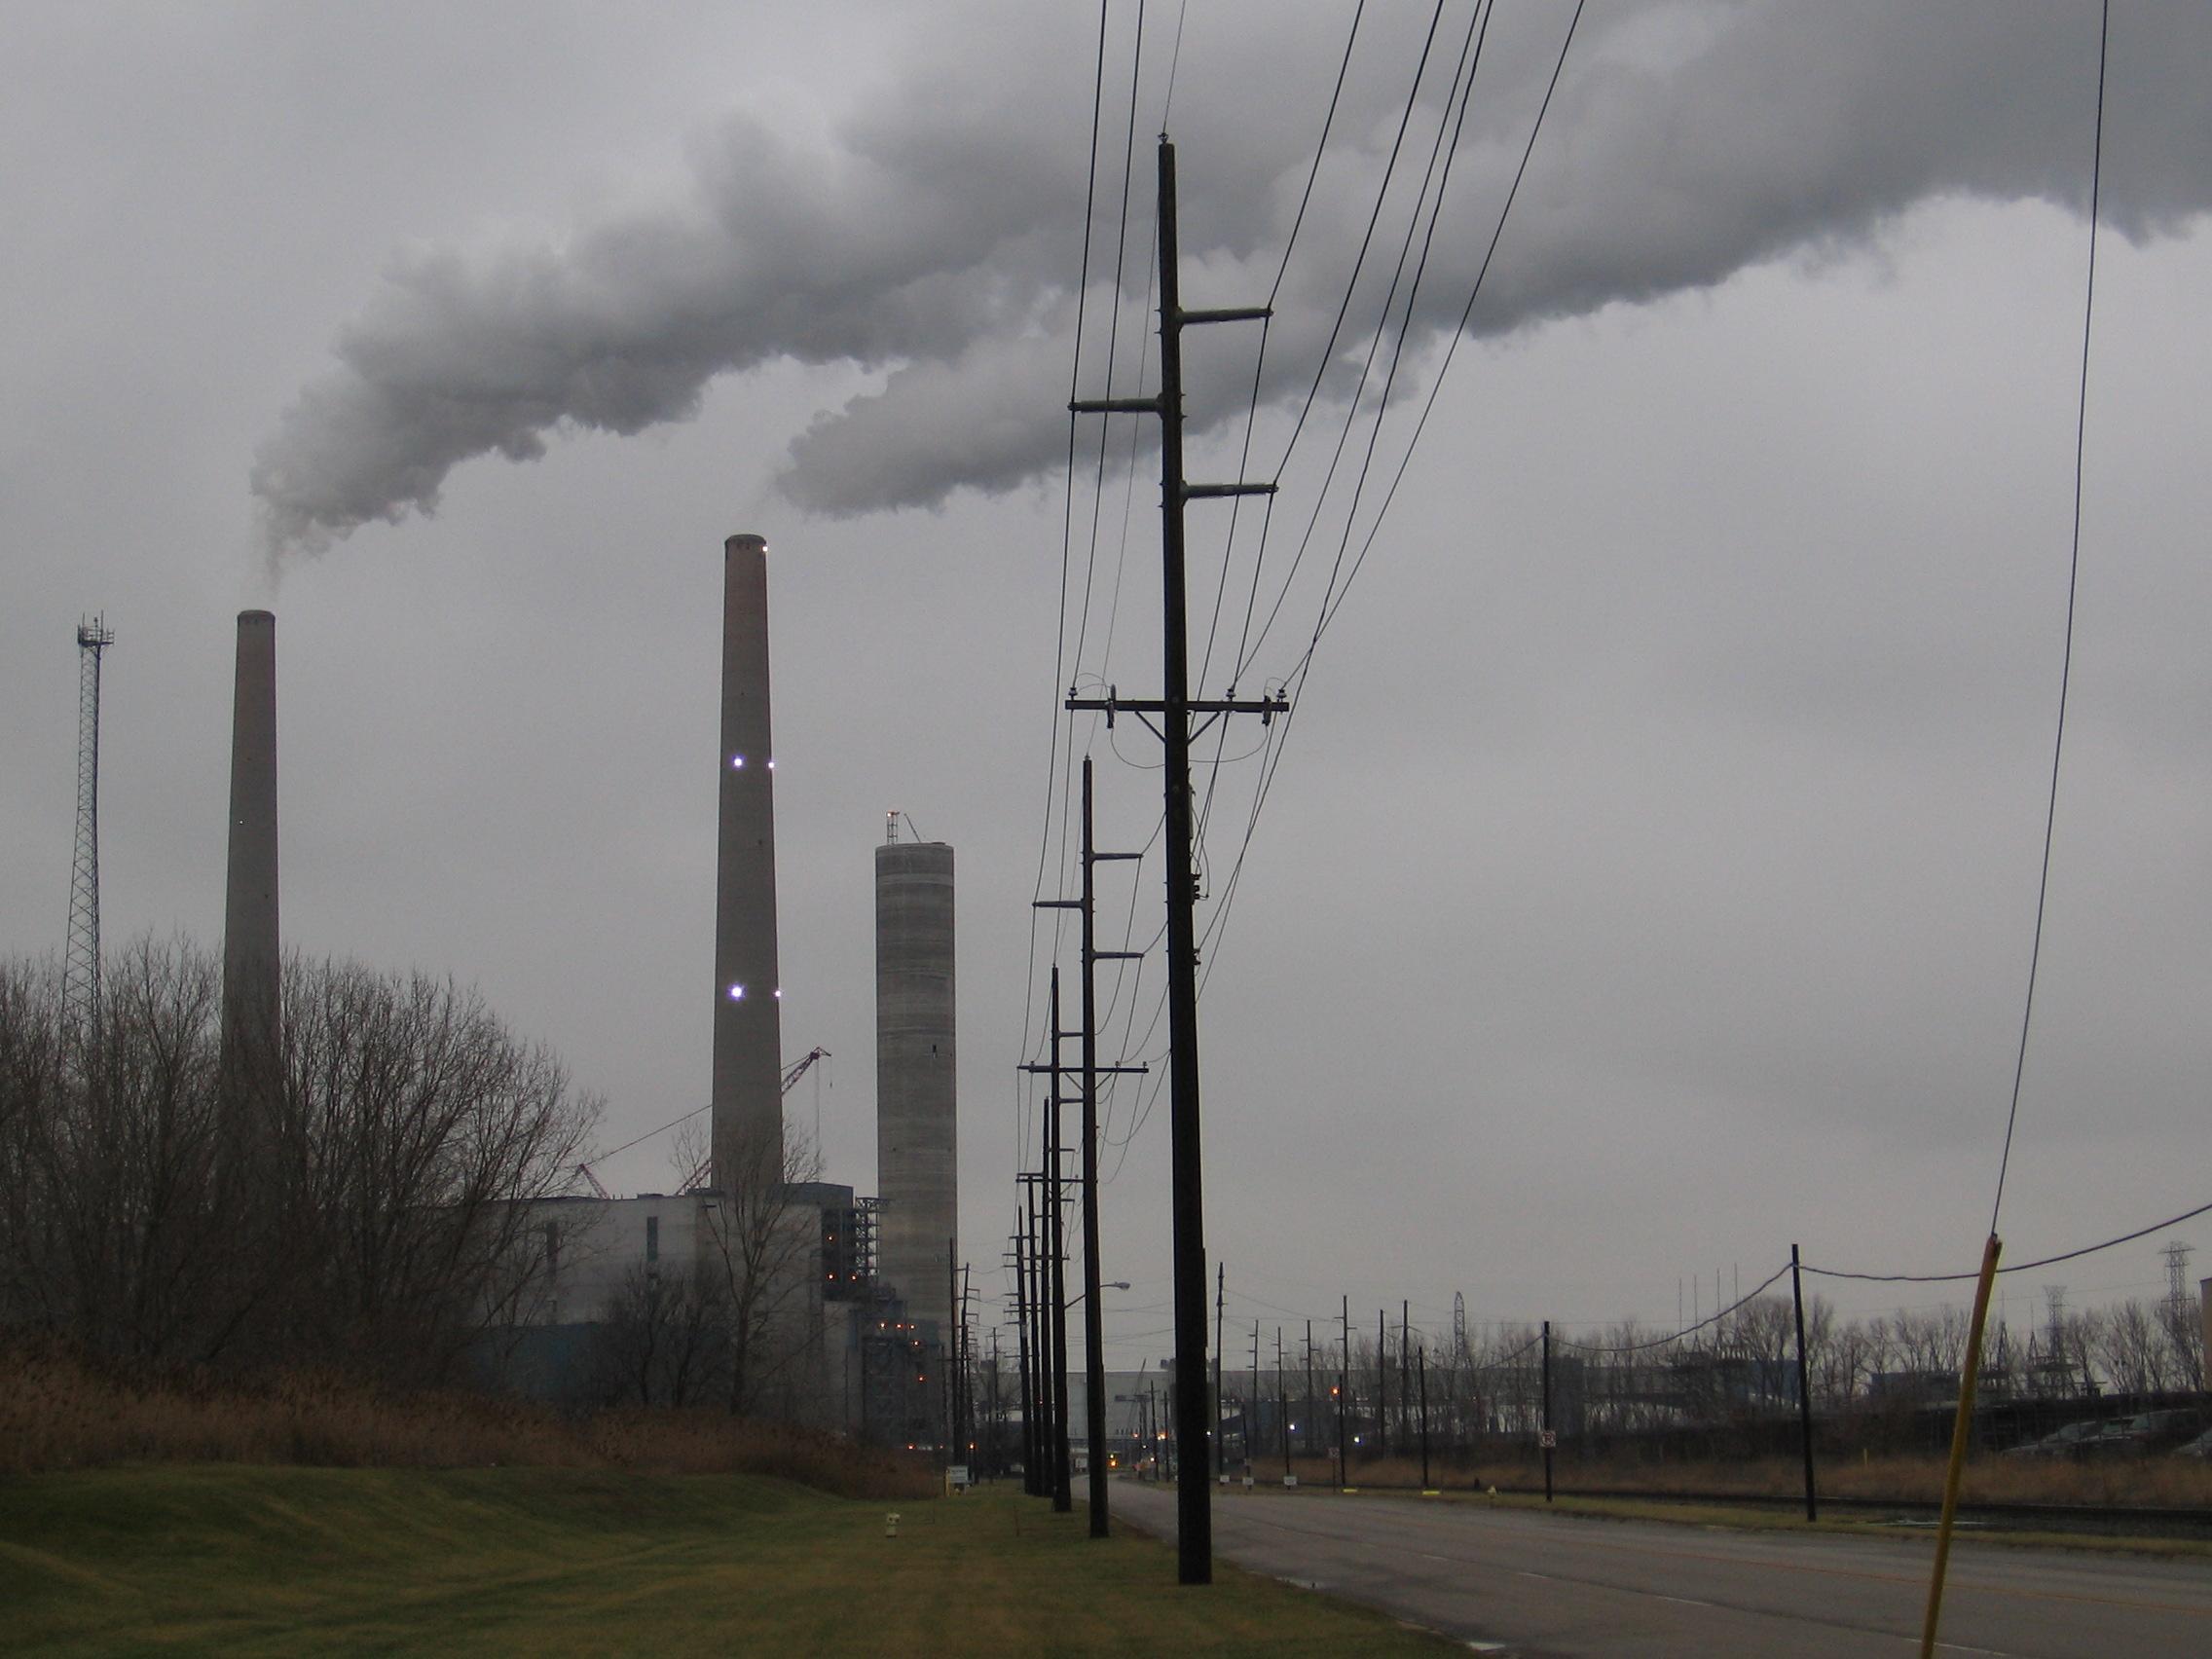 Detroit Edison Coal Trains